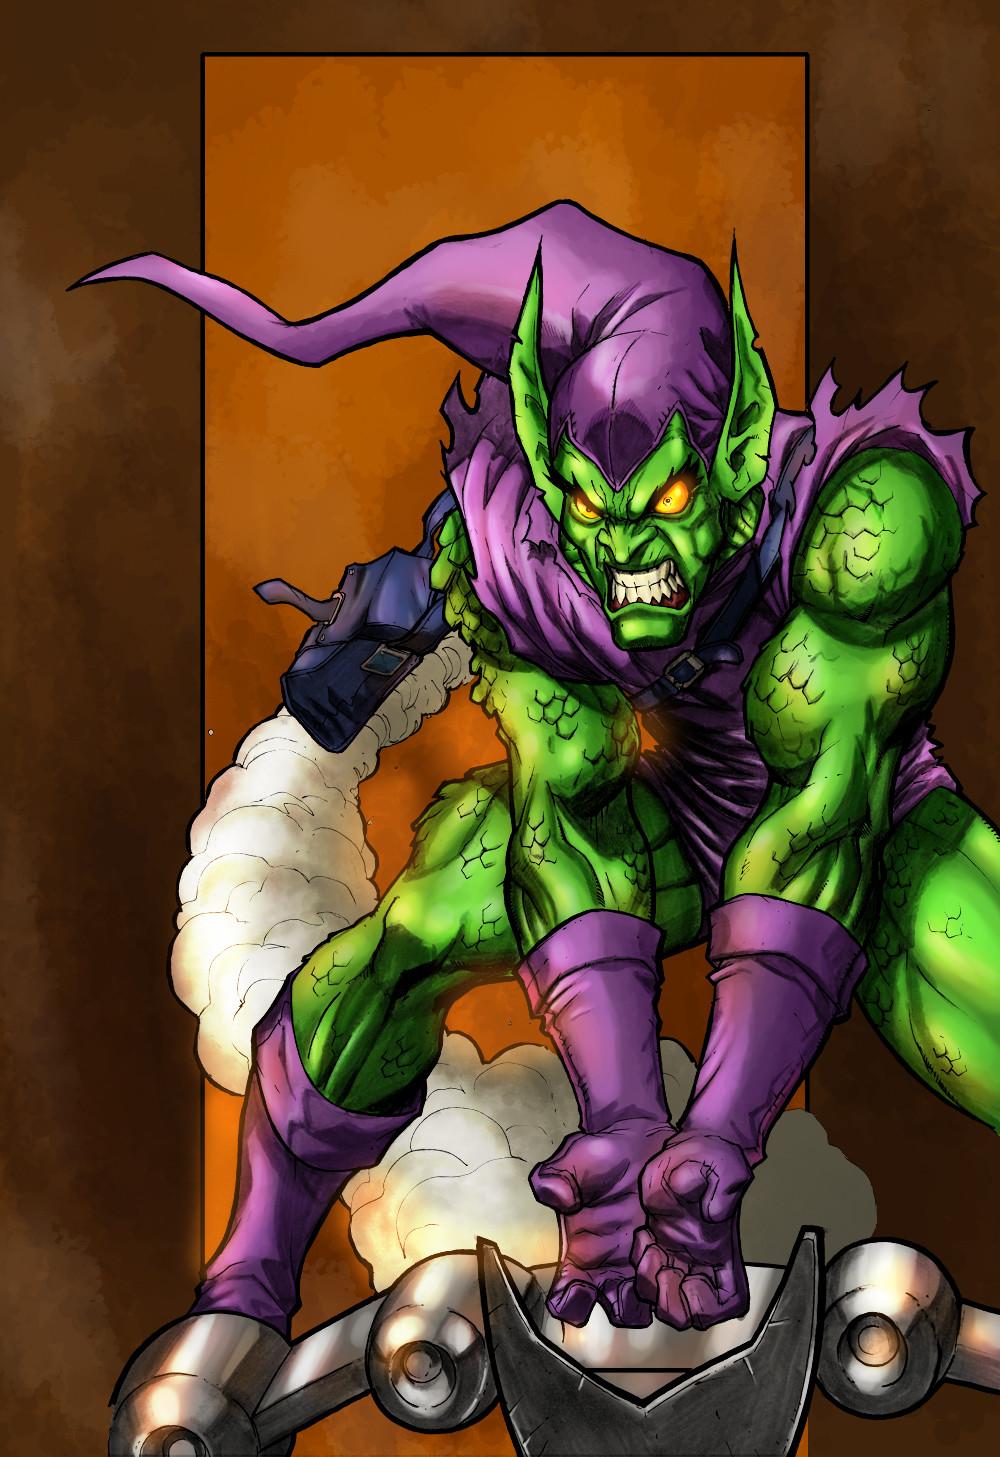 Maksim strelkov green goblin returns miacabrera5